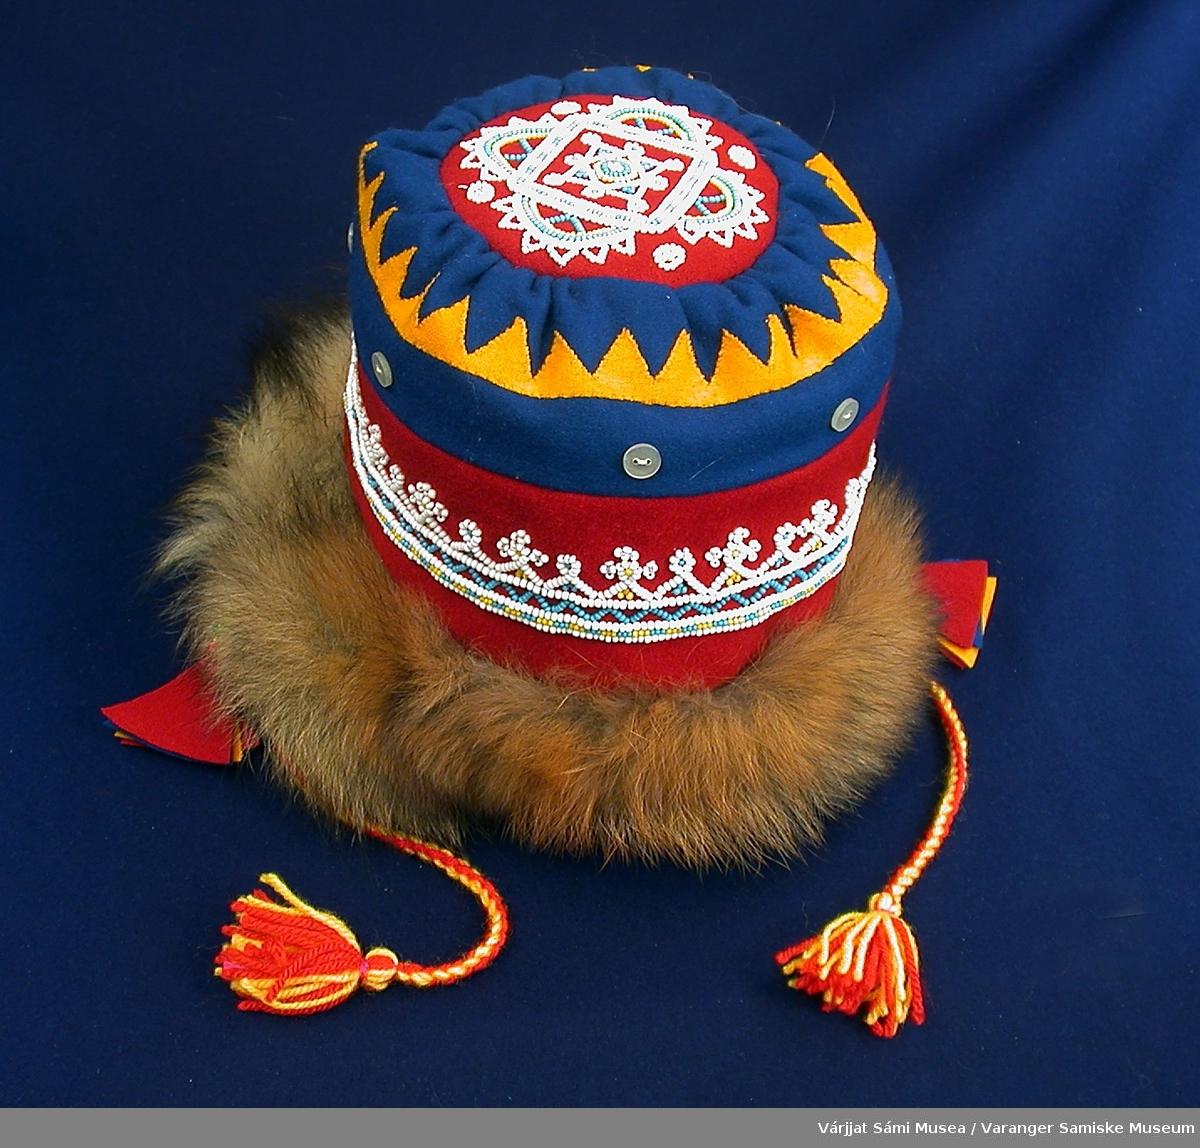 646-1: Jentelue av klede og reveskinn dekorert med perler og knapper. Kledet er i rødt, blått og gult, hvorav det gule utgjør en del av dekorasjonen i form av et sik-sak-bånd. Perlebroderiene er av små glassperler i hvitt, gult og lyseblått. Det ene broderiet går som et bånd rundt hele lua, det andre er en stor rose på toppen av lua.. Rundt lua, over perlebåndet og soom en del av rosemotivet, er det sydd fast halvblanke, hvite knapper. Lua er kantet med reveskinn nederst, nærmest ansiktet. Lua knyttes under haka med tvunnede snorer av ullgarn i gult og rødt. I enden av snorene er det dusker av samme garn. I andre enden av snorene, der de er festet til lua, henger det en dusk på hver side laget av klede i rødt og gult.   646-2: To nåleputer. Den ene av bjørketeger og klede dekorert med perler, den andre av klede dekorert med perler.  Den med teger har rødt klede i midten som er dekorert med glassperler i hvitt, gult og blått i stjernemotiv. Tegeren ligger som en kopp rundt kledet.  Den andre nåleputa er av rødt klede med en ring av hvite perler langs kanten oppe, på toppen/flaten. I midten er det et motiv av hvite, gule og blå perler. Motivet ligenr på symboler fra den samiske sjamantromma, de tre gudinnene Sáráhkká, Uksáhkká og Juoksáhkká. Langs kanten på denne nåleputa er det sydd fast en M av hvite perler.